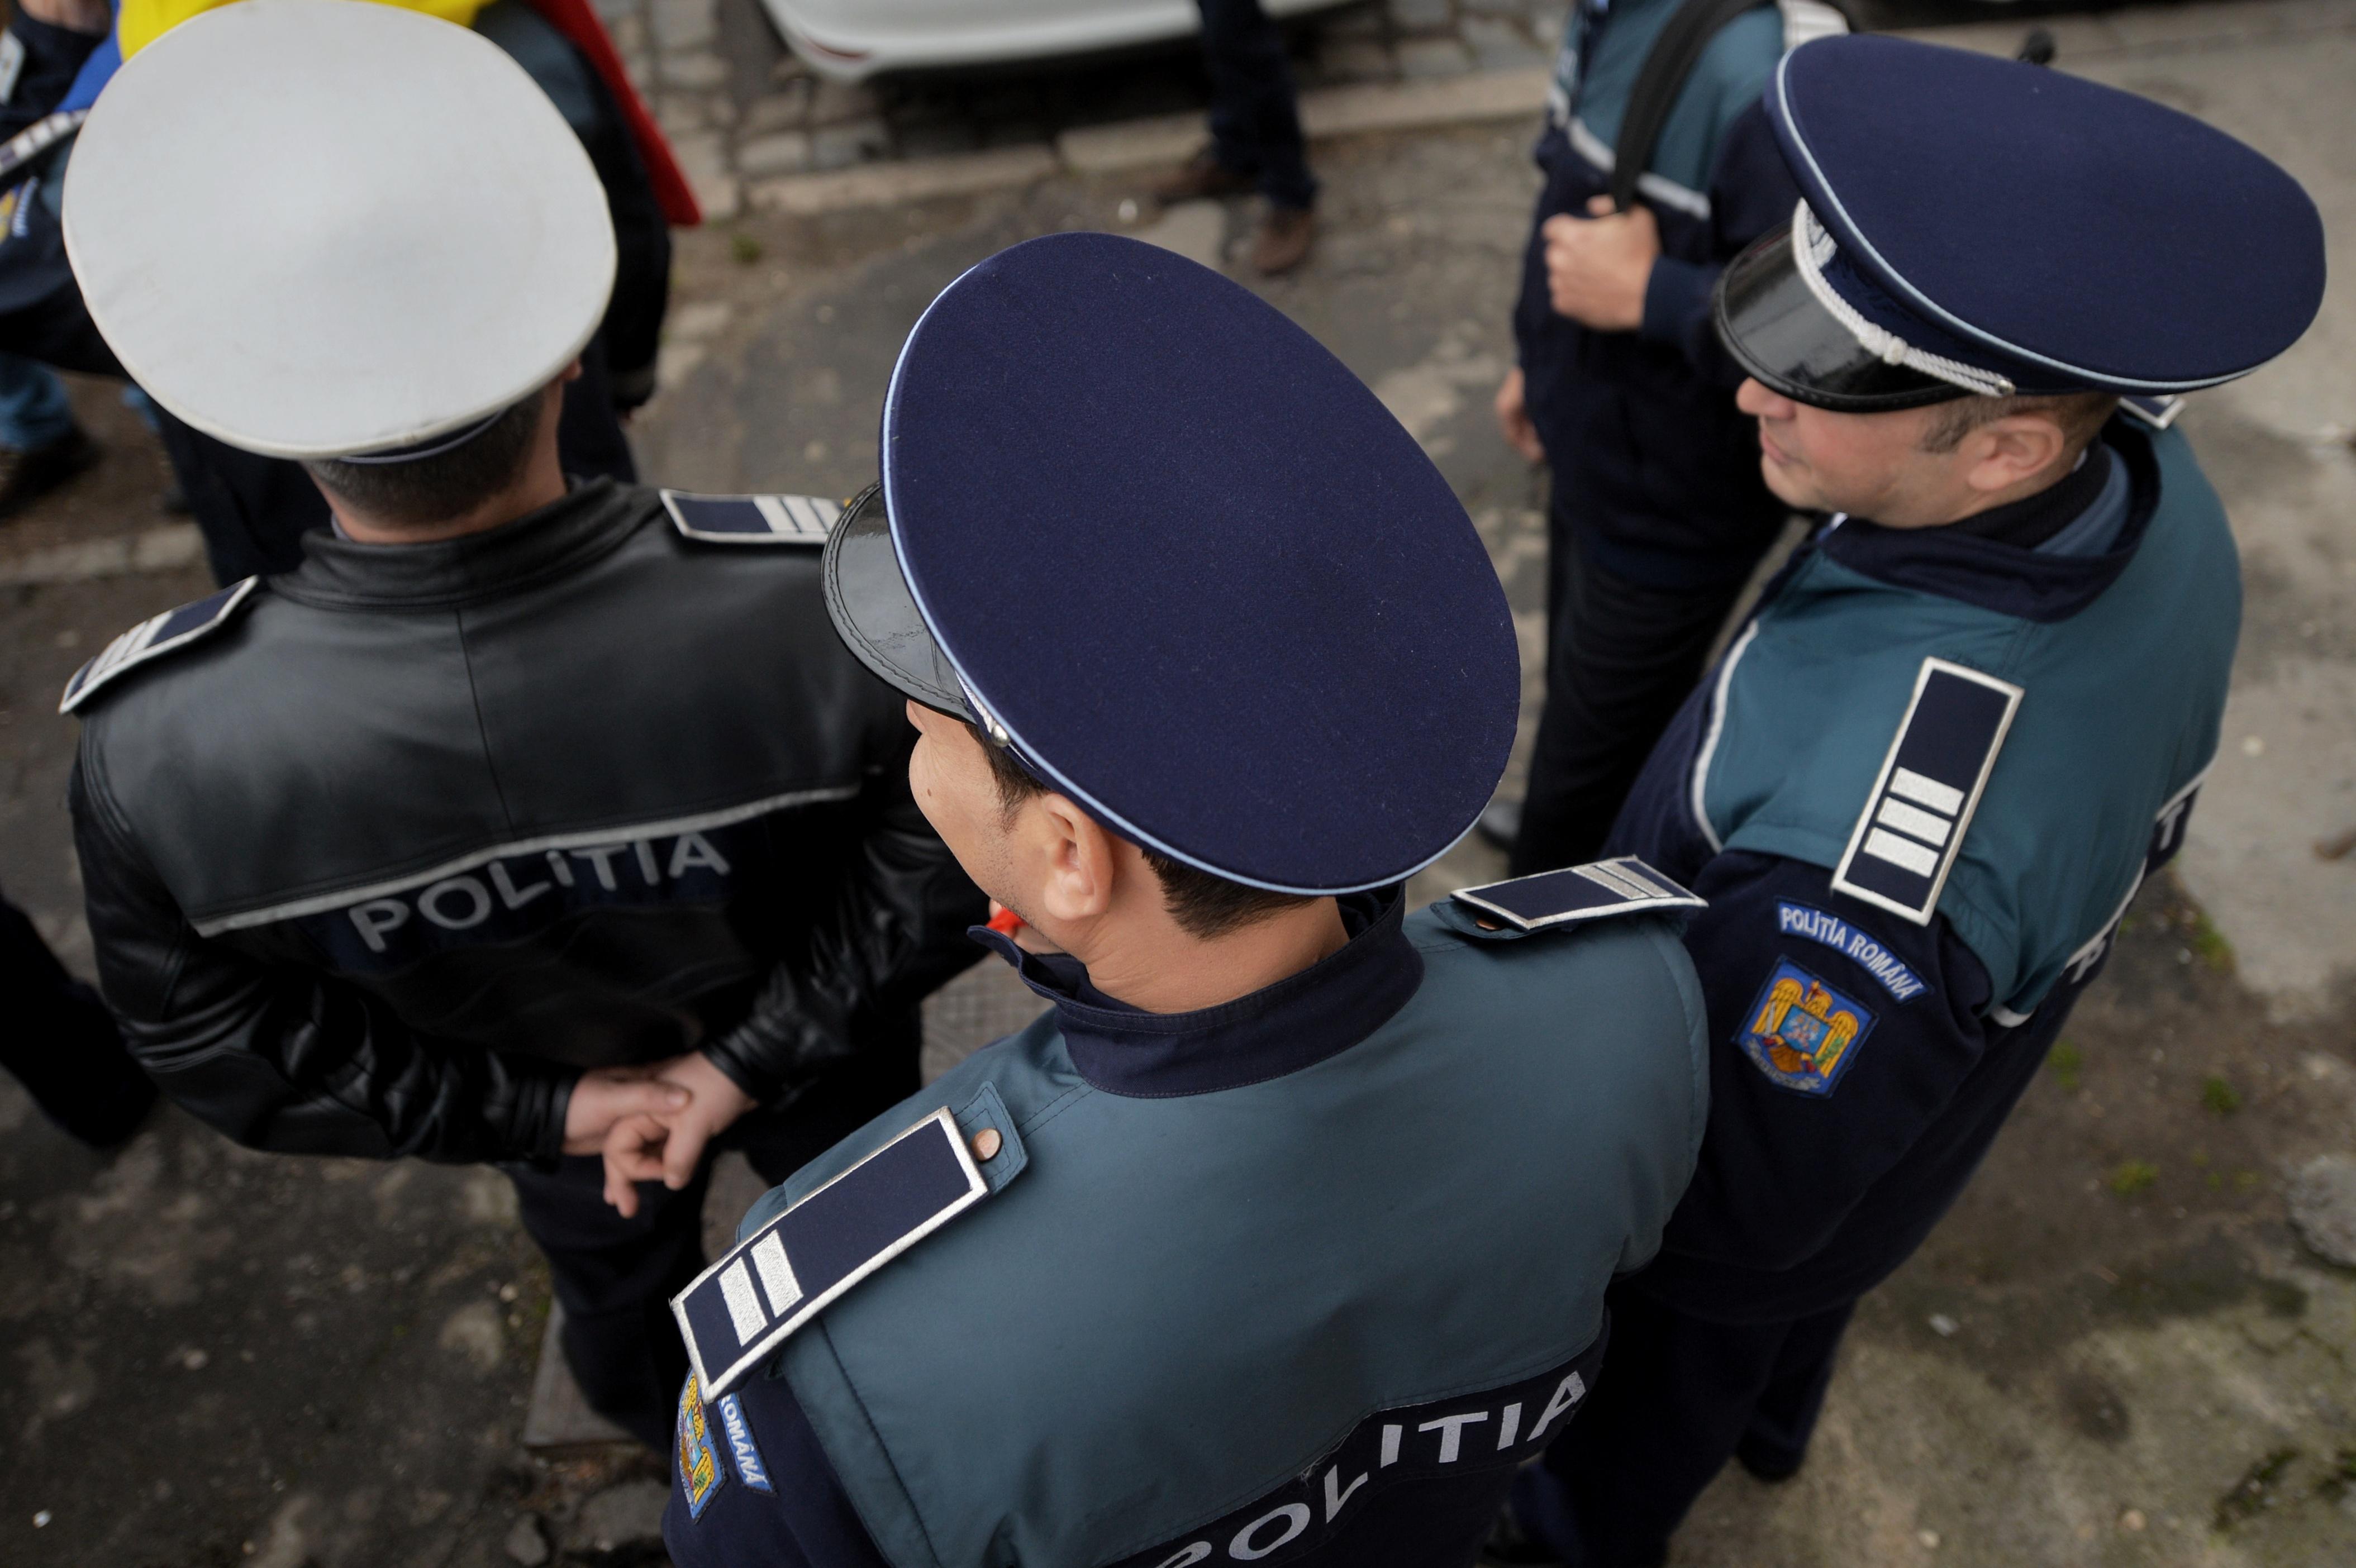 Poliţiştii au confiscat într-o săptămână fructe, legume şi haine de 8.000 de lei de la comercianţii de pe litoral şi au dat amenzi de peste 100.000 lei